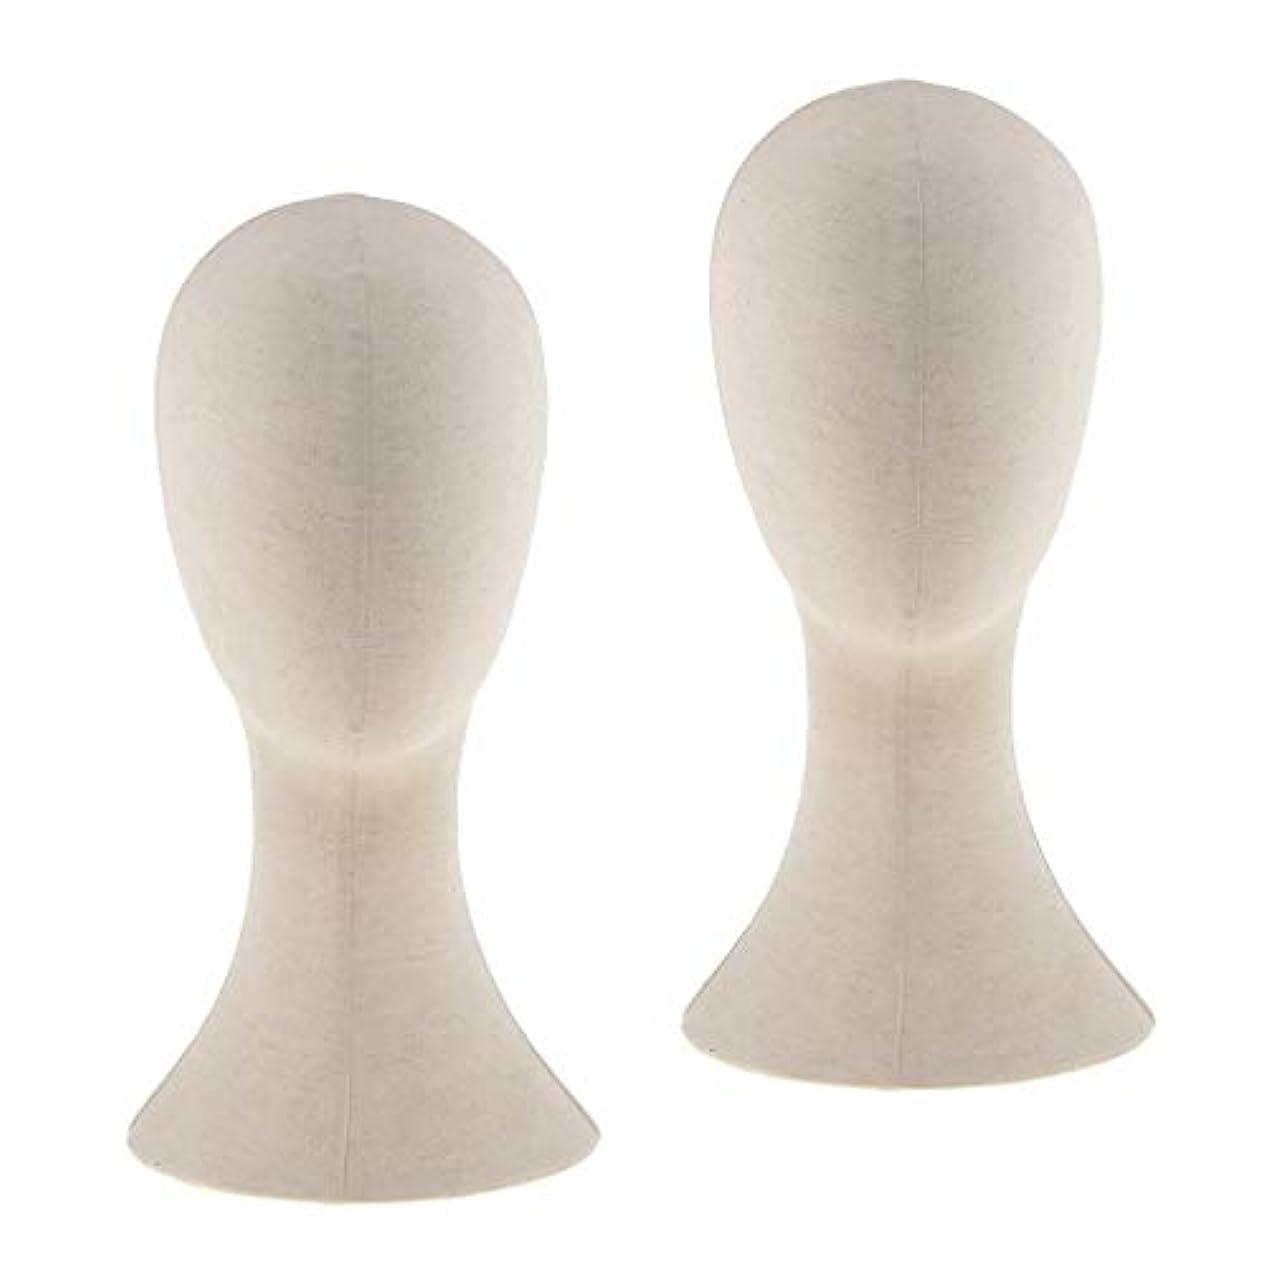 経済リットル村DYNWAVE マネキンヘッド ウィッグスタンド練習 頭部 女性ウィッグマネキン ディスプレイ 帽子スタンド 2個入り